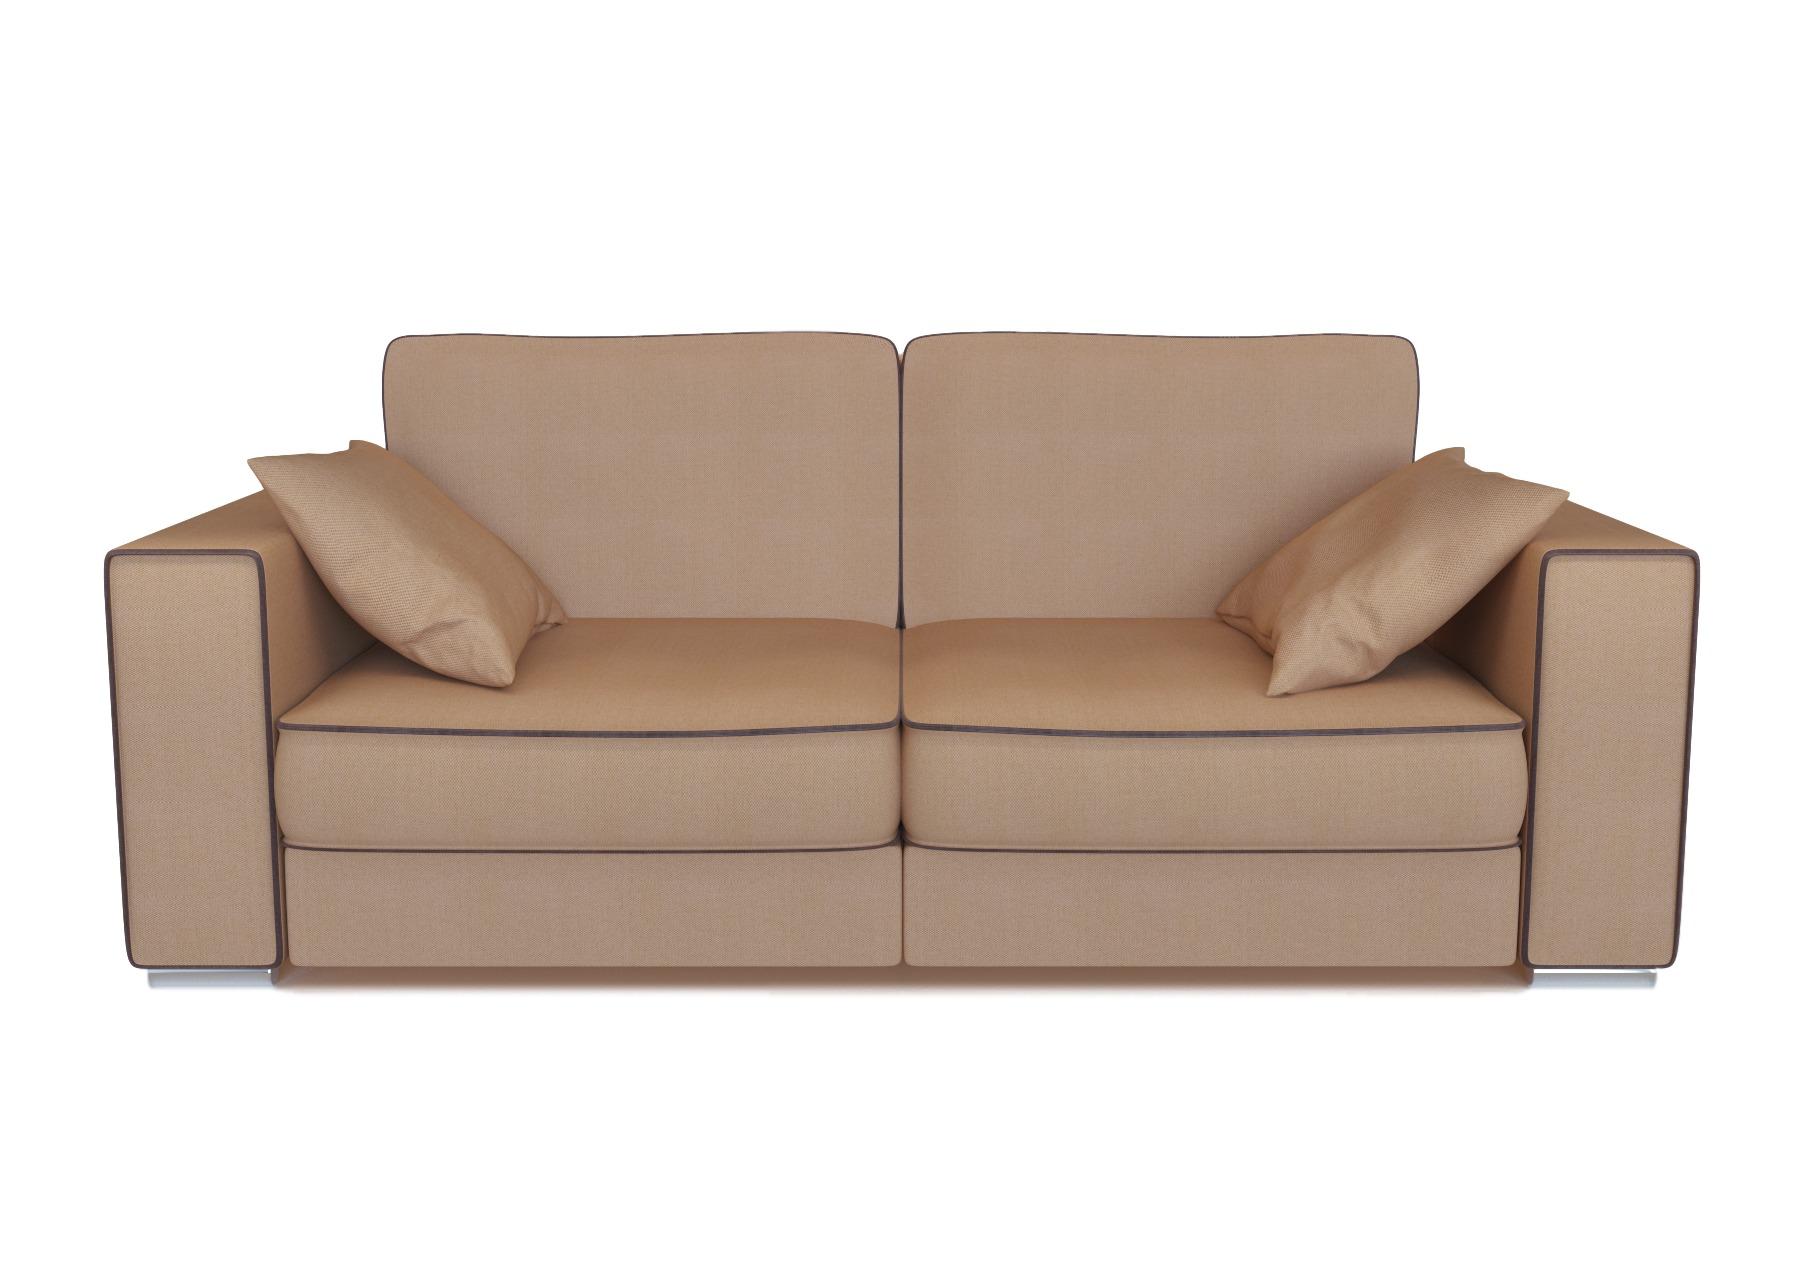 Horeca master диван-кровать stavanger коричневый  40966/9